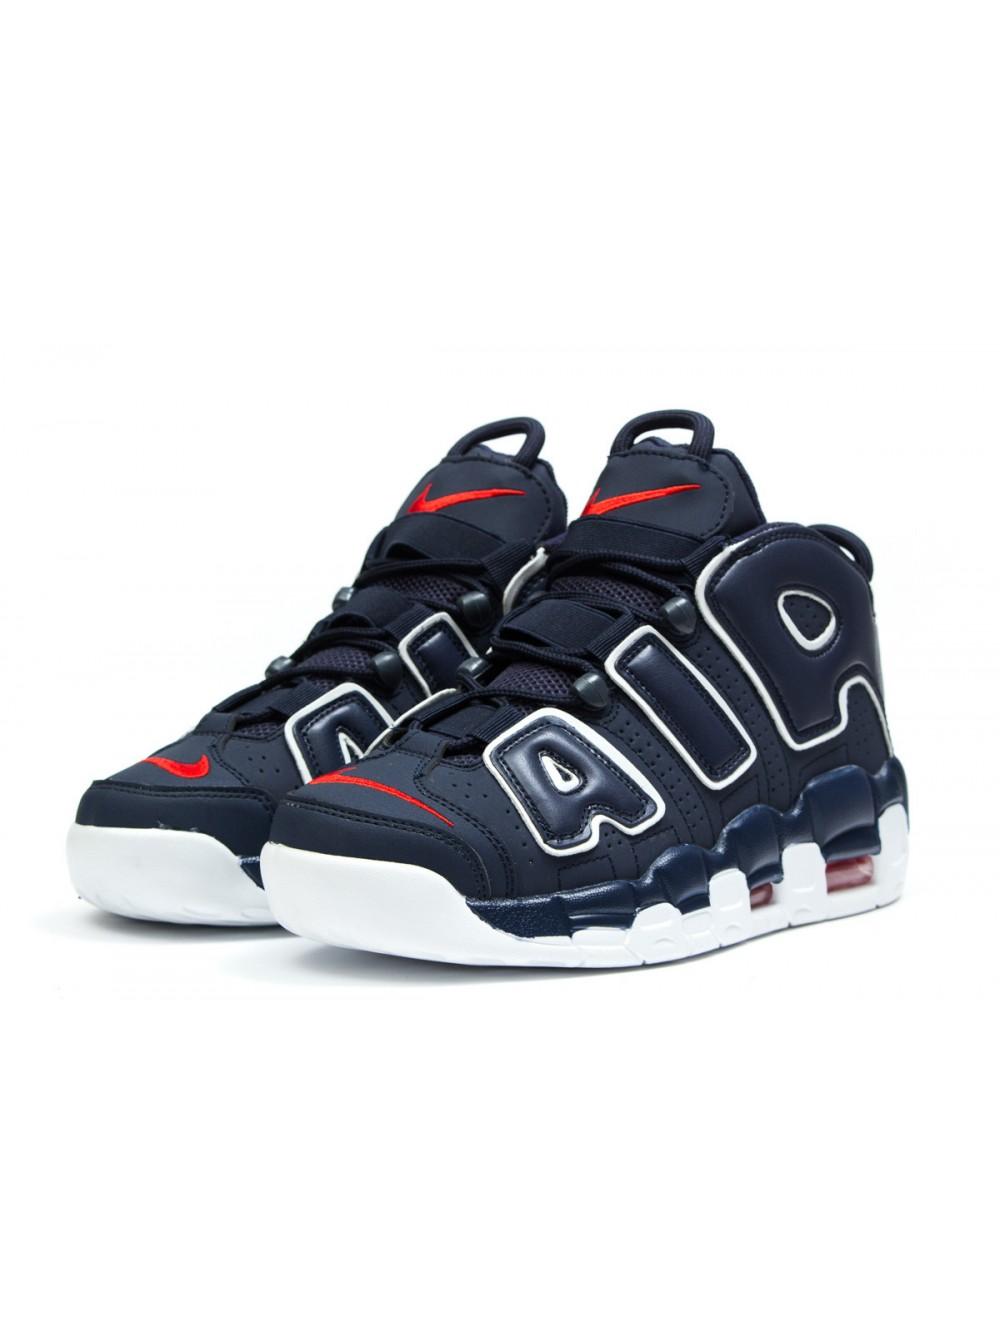 15890b49 Мужские баскетбольные кроссовки Nike Air More Uptempo купить в Украине